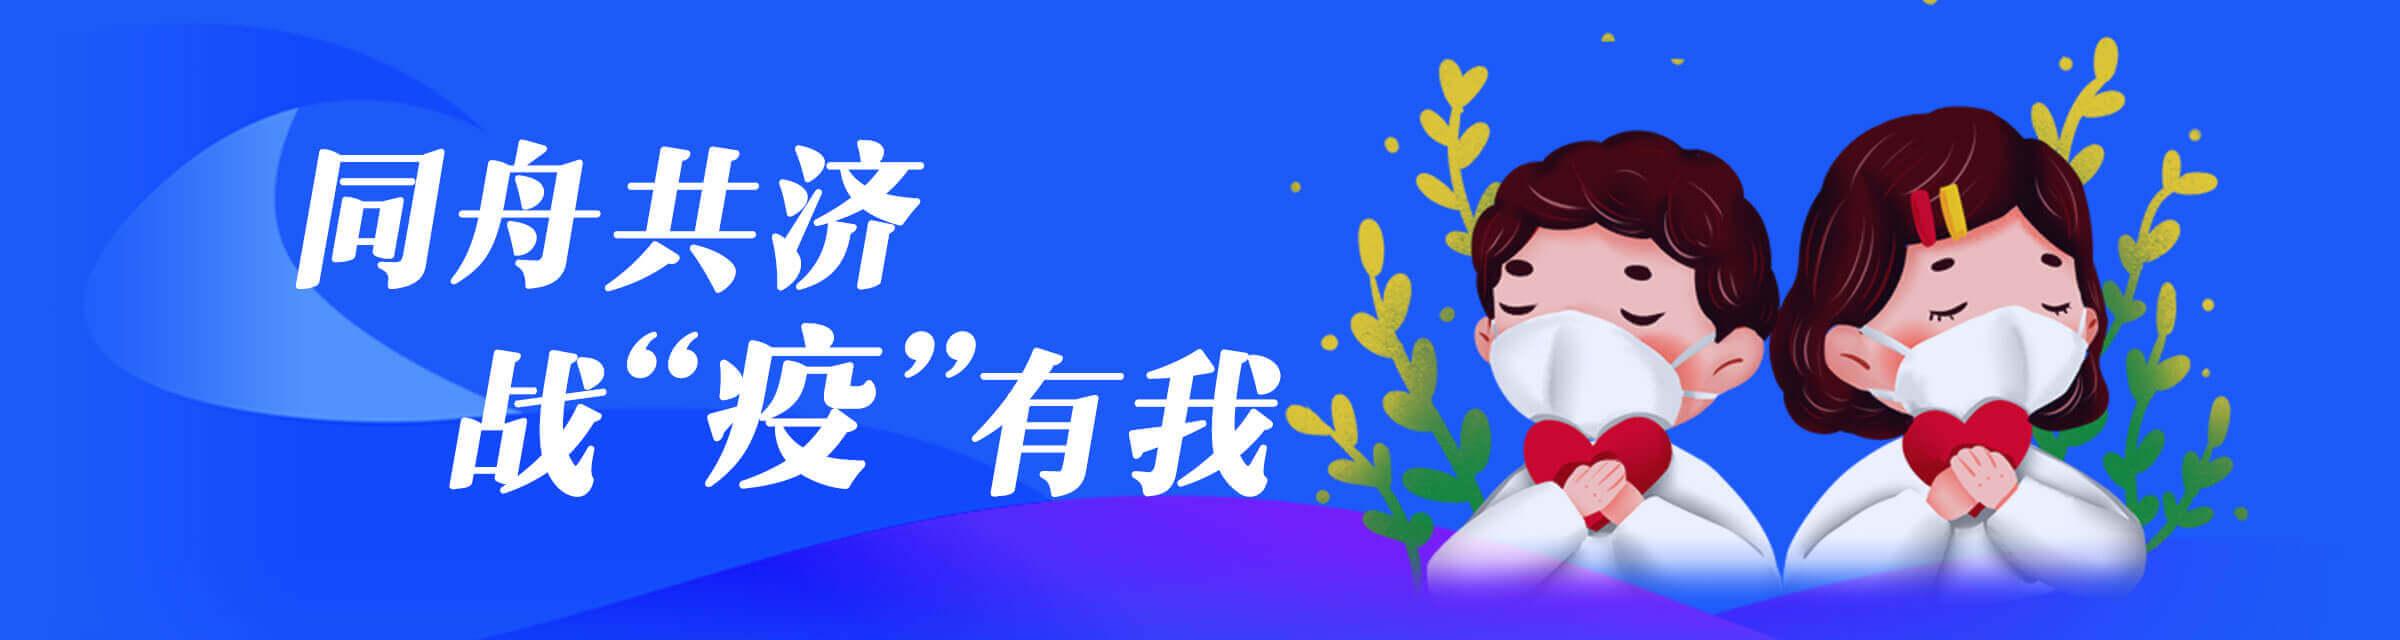 """连尚文学""""同舟共济,战'疫'有我"""" 主题征文活动"""